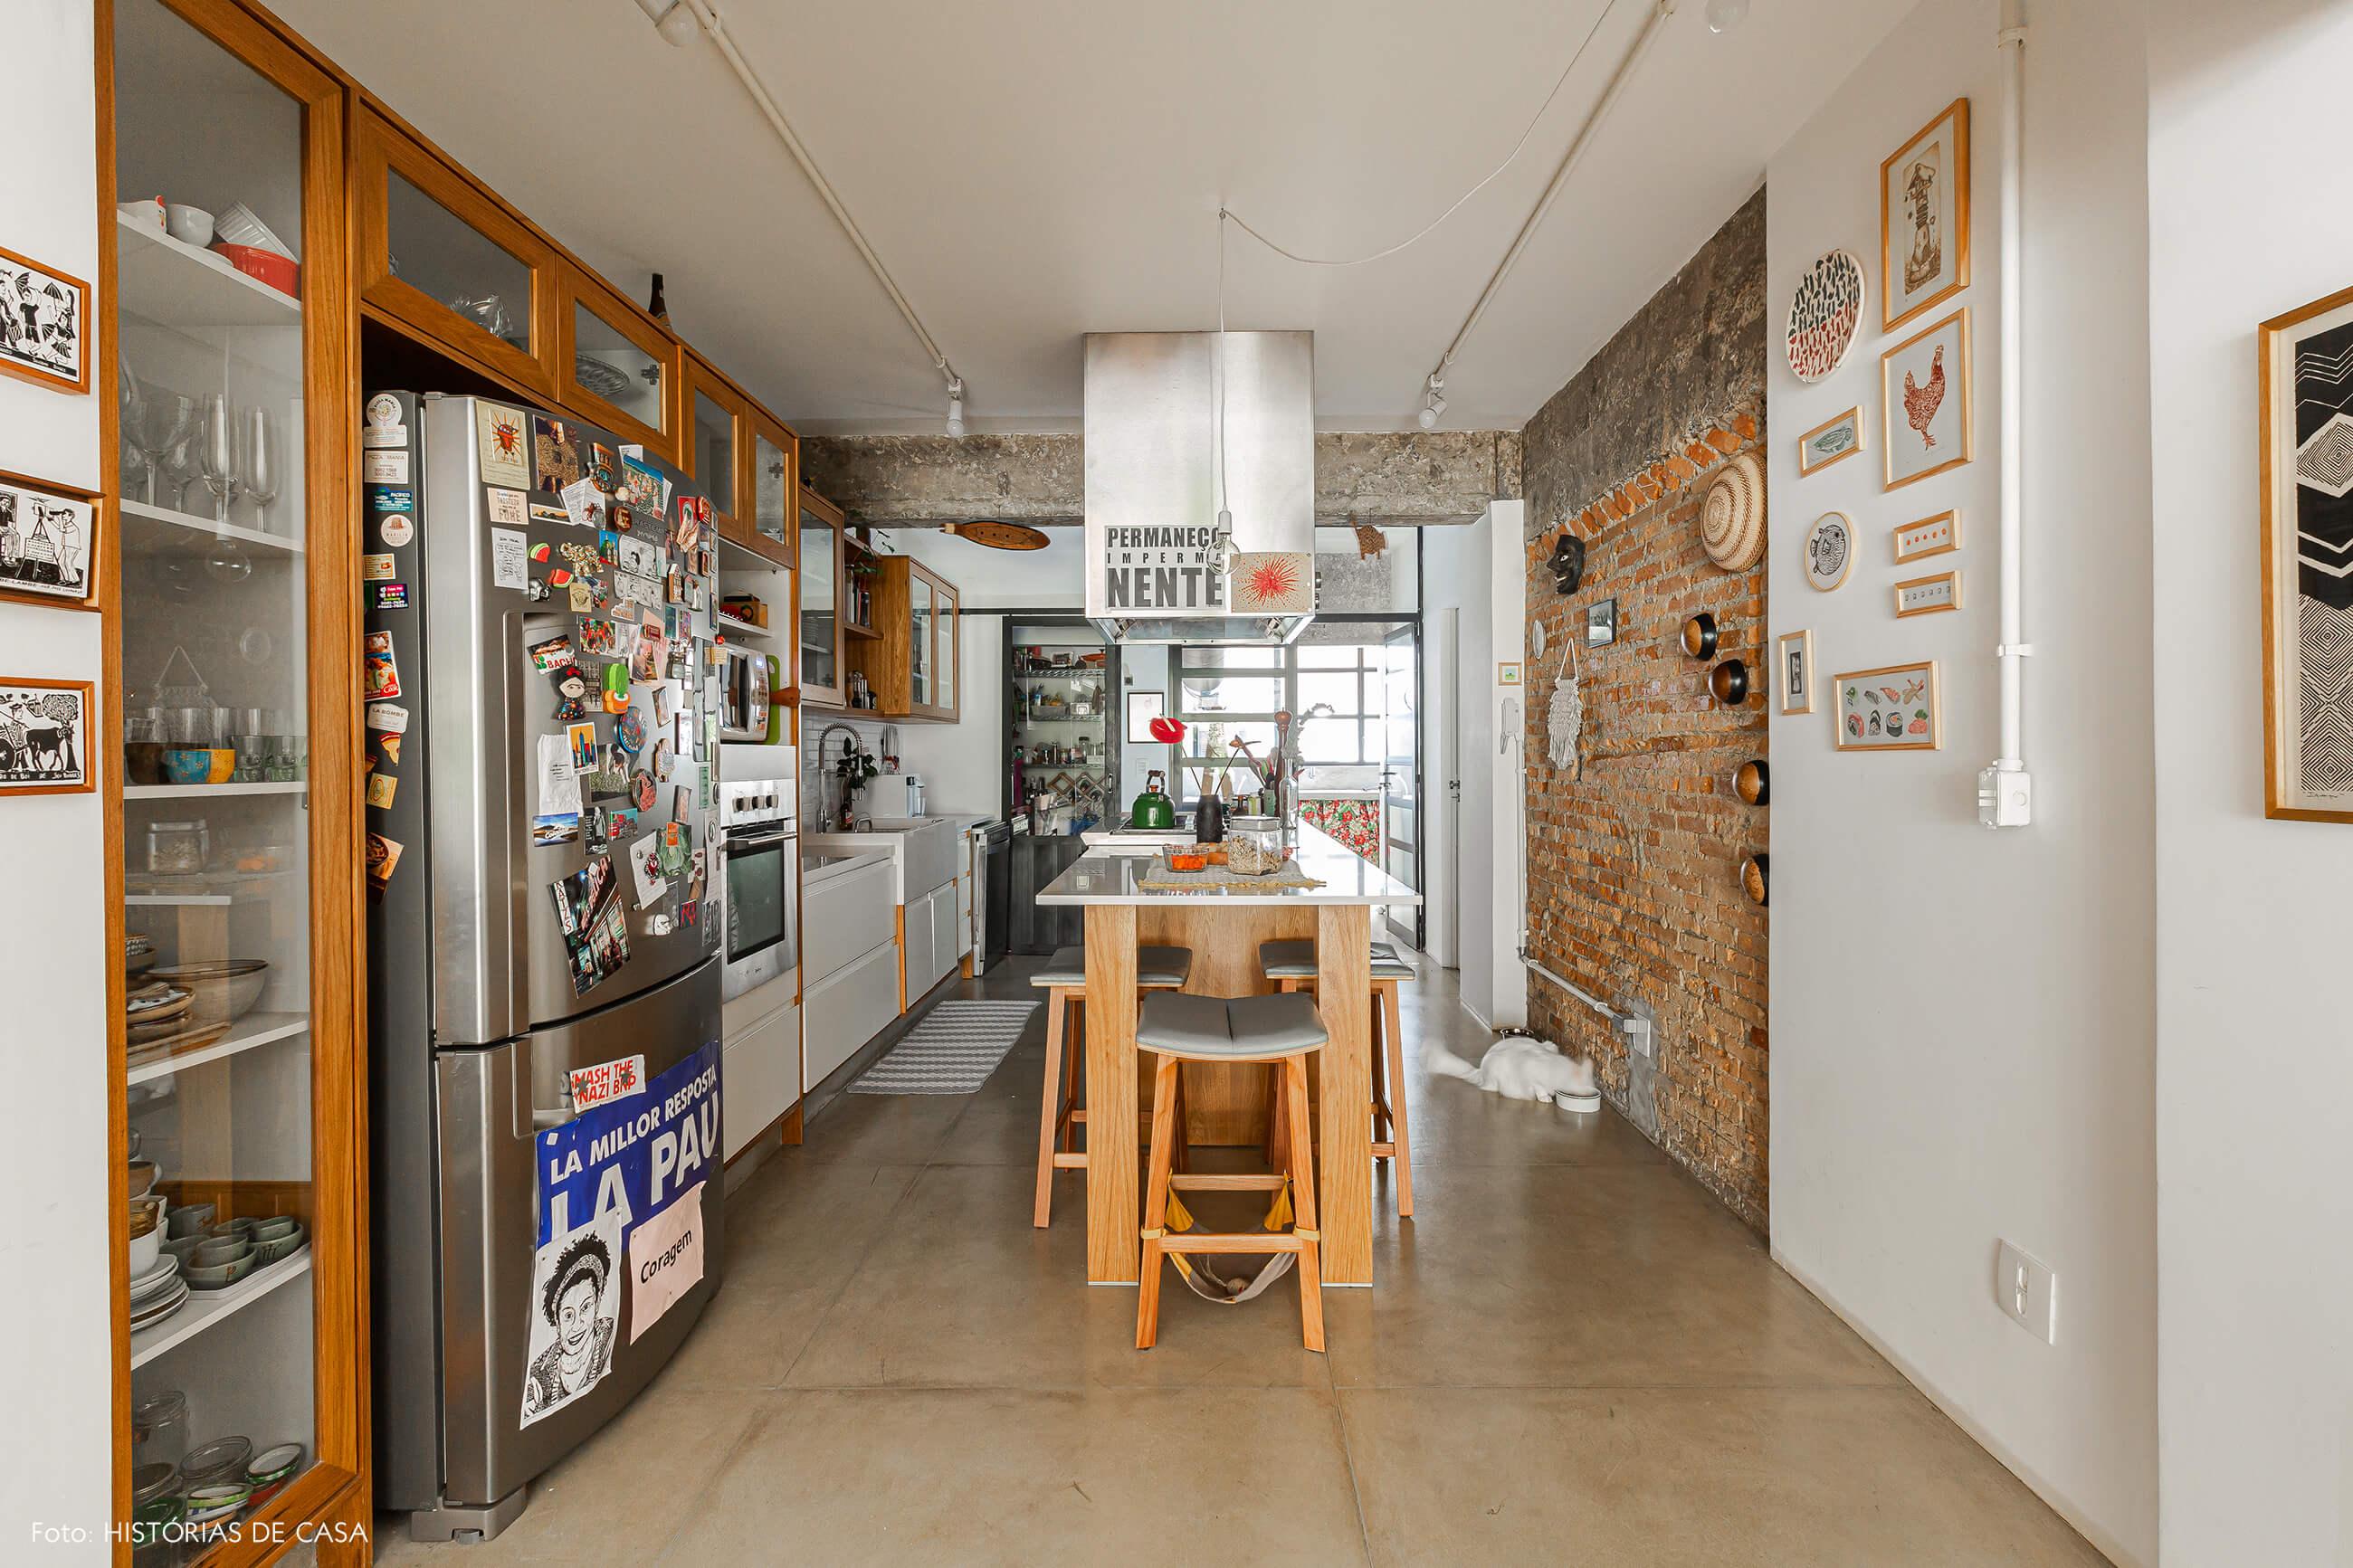 Apartamento térreo, cozinha com paredes de tijolinho e bancada central